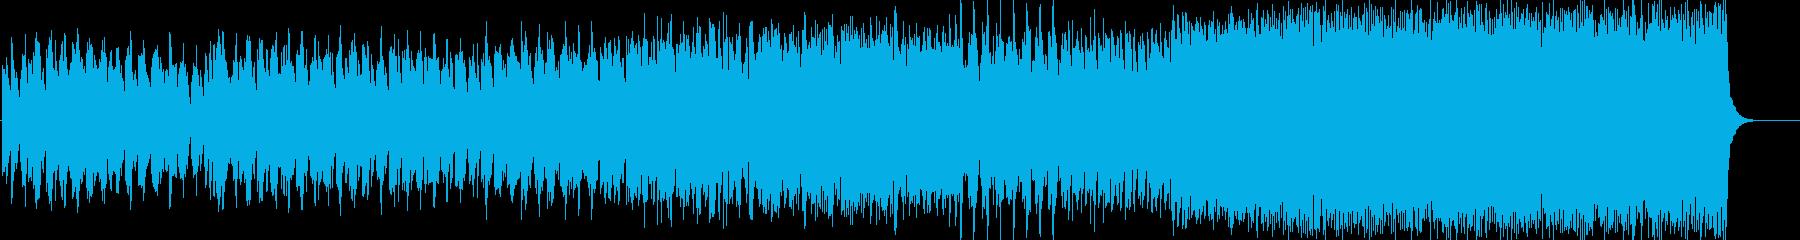 ストリングスとアコーディオン切ないワルツの再生済みの波形